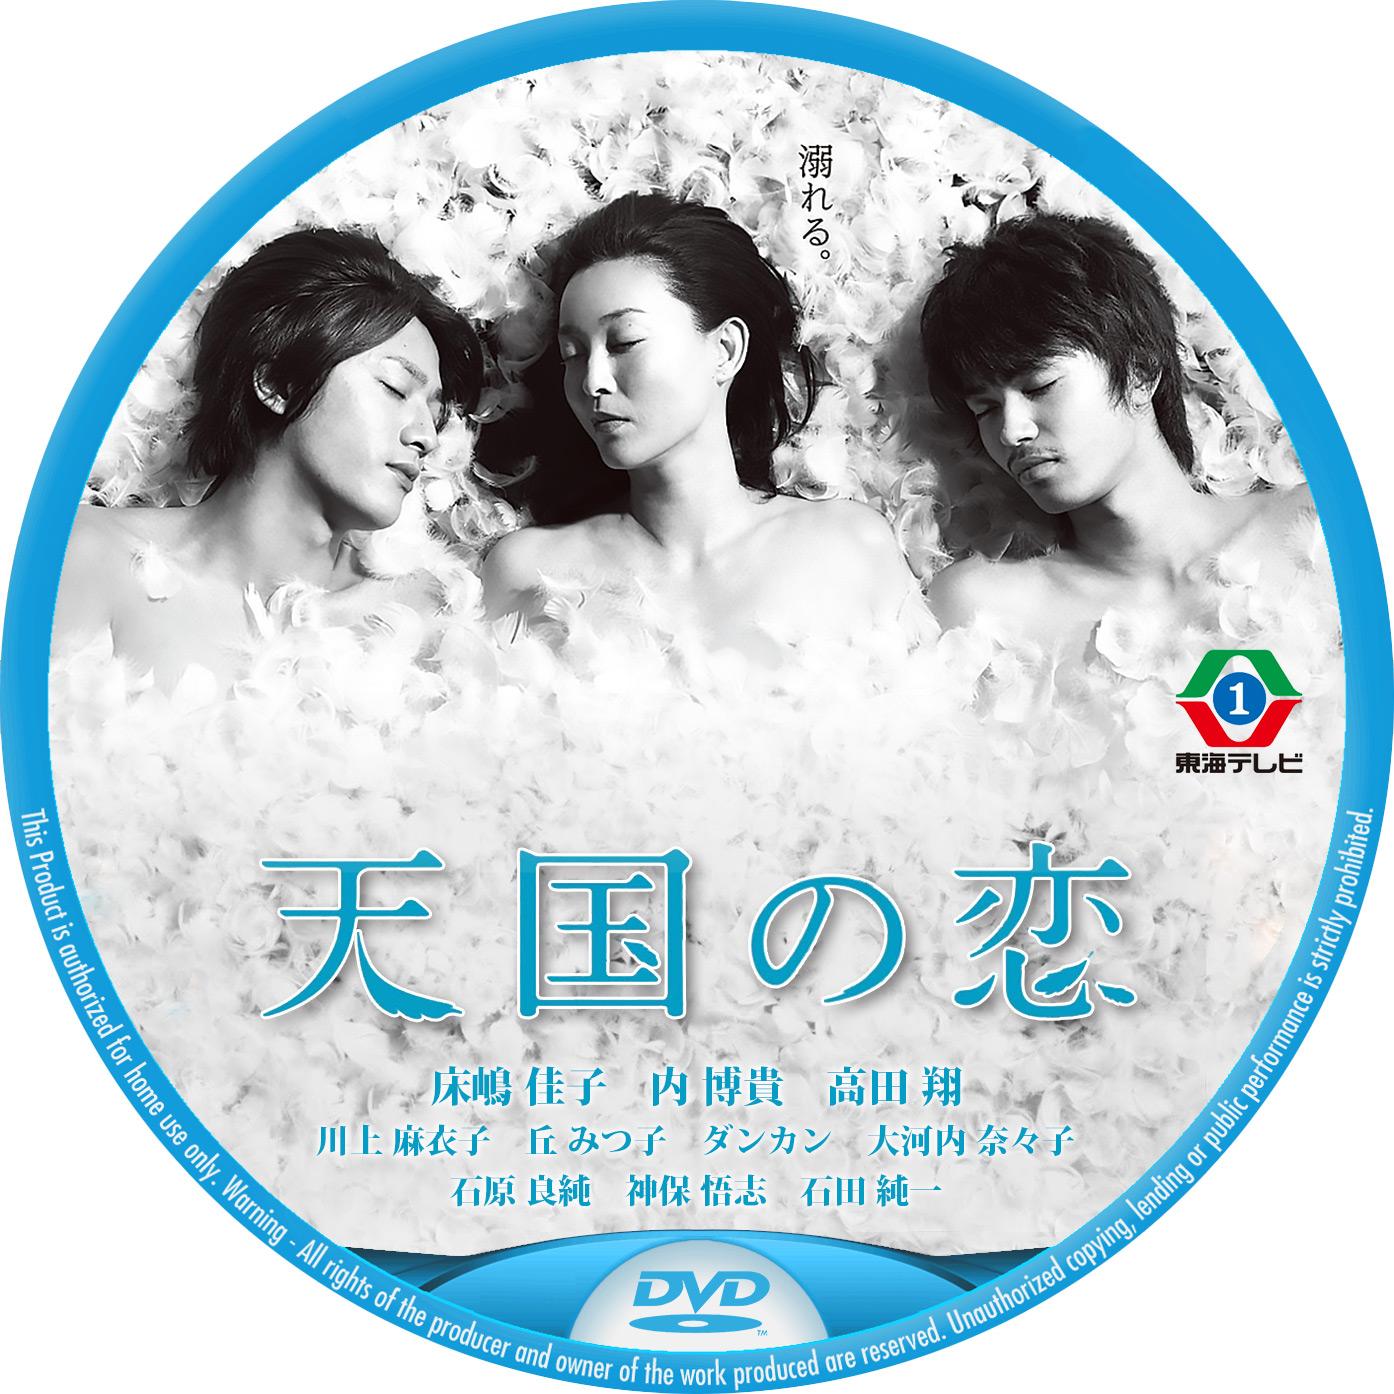 天国の恋 DVDラベル